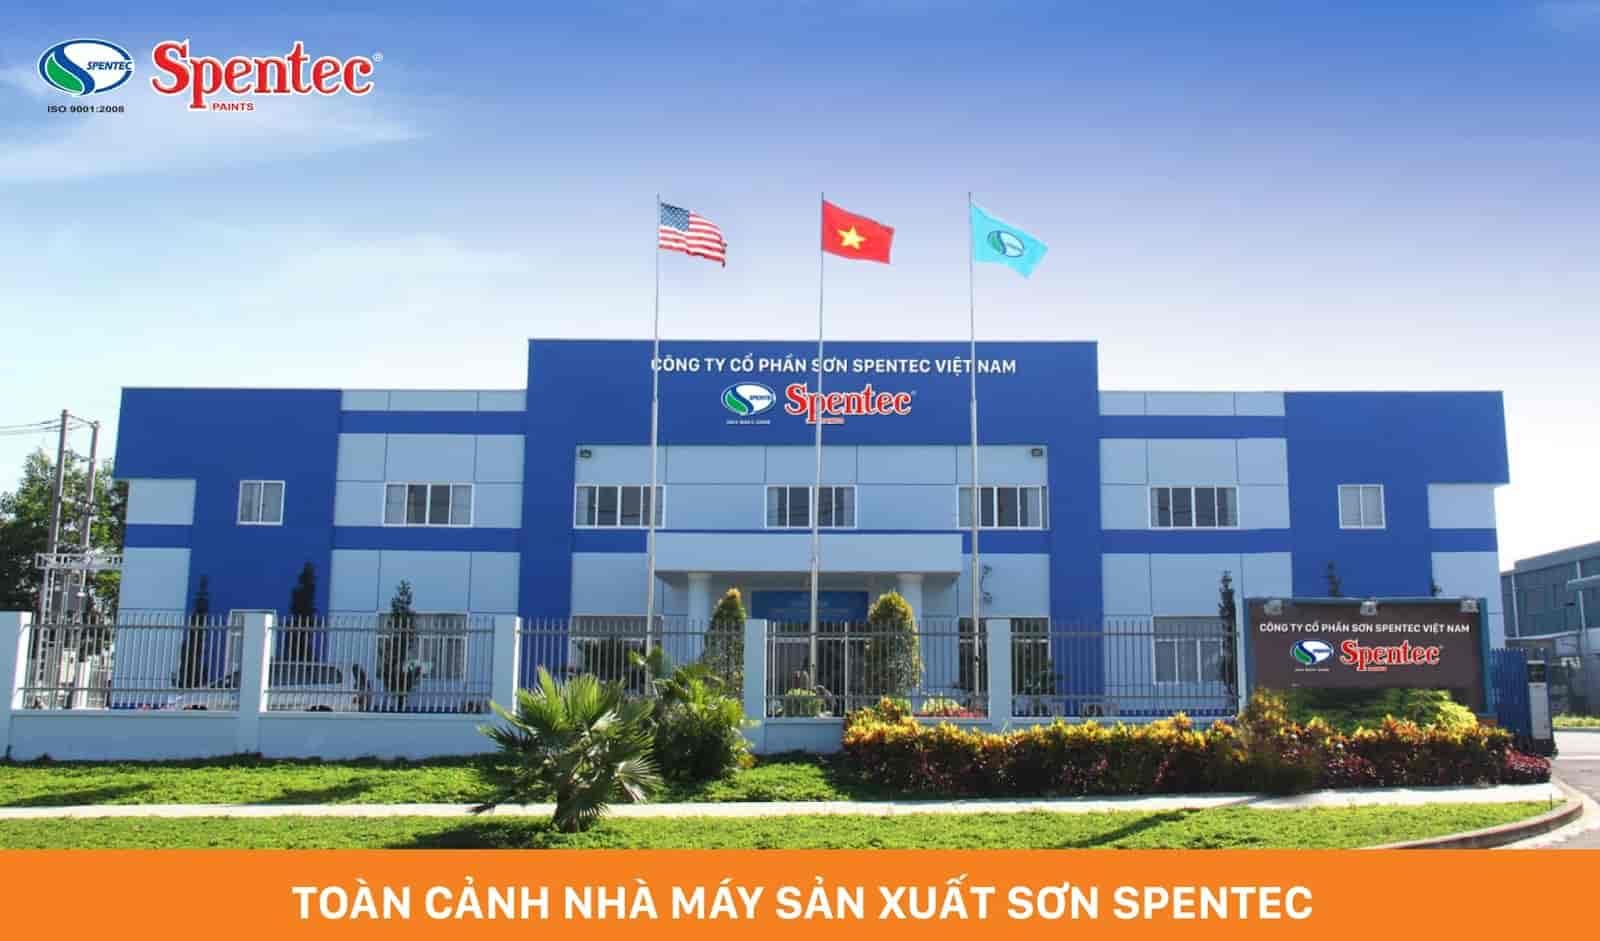 Về Công ty Cổ phần Sơn Spentec Việt Nam